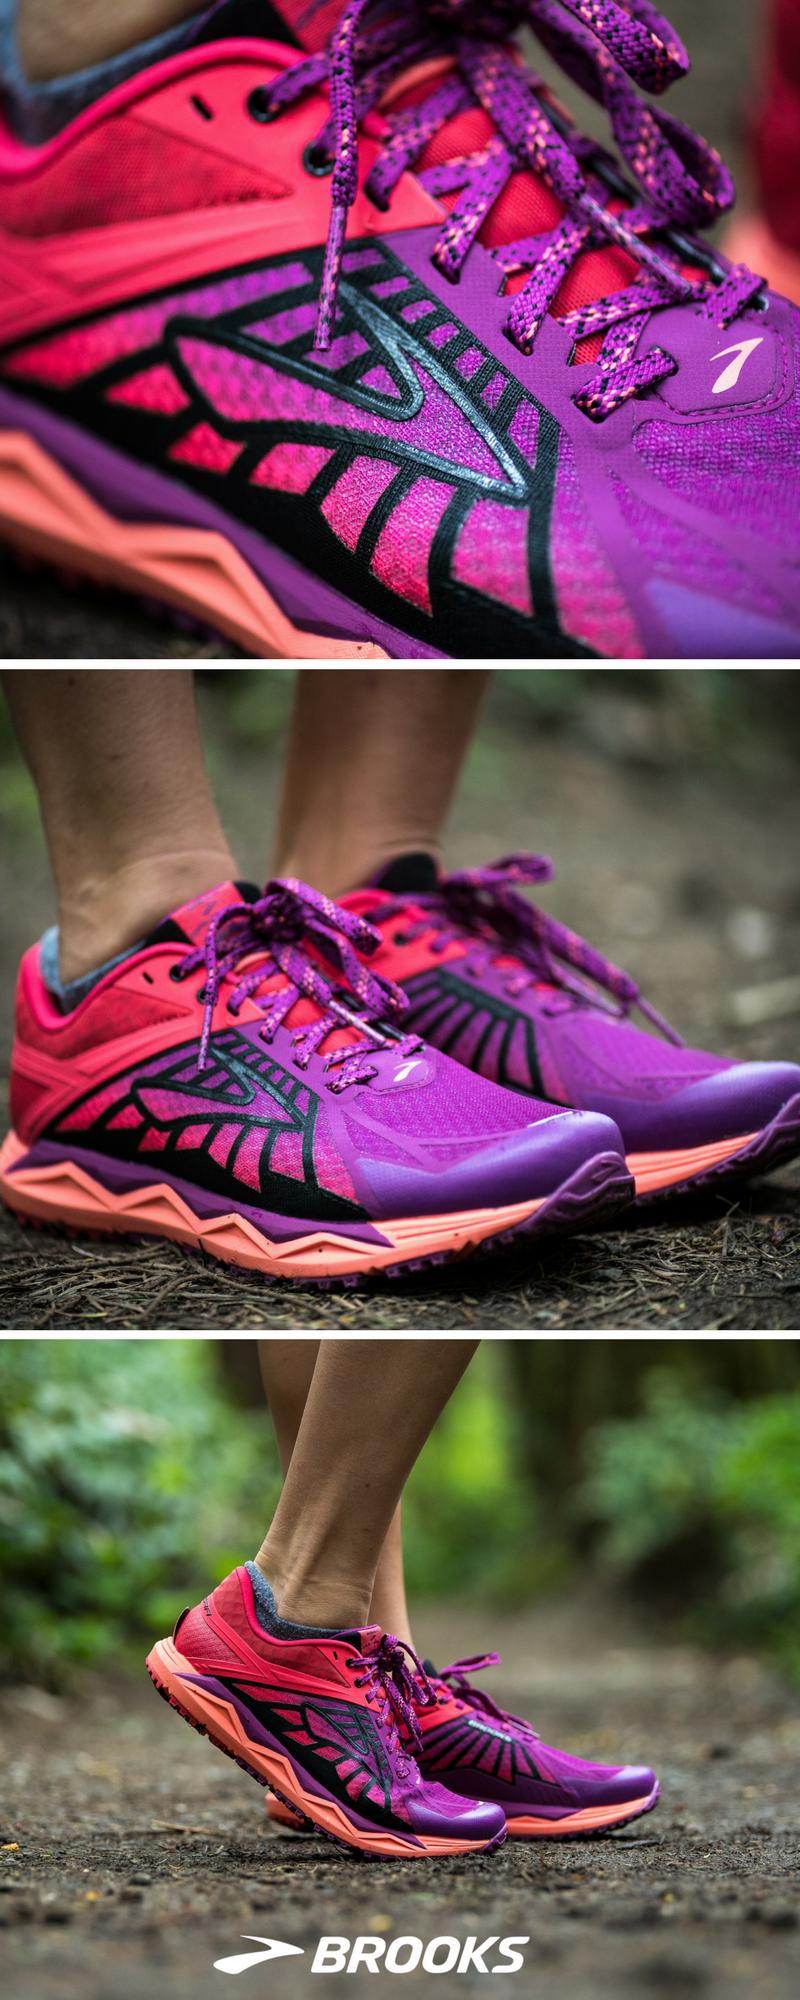 The Womens Caldera Trail Running Shoe